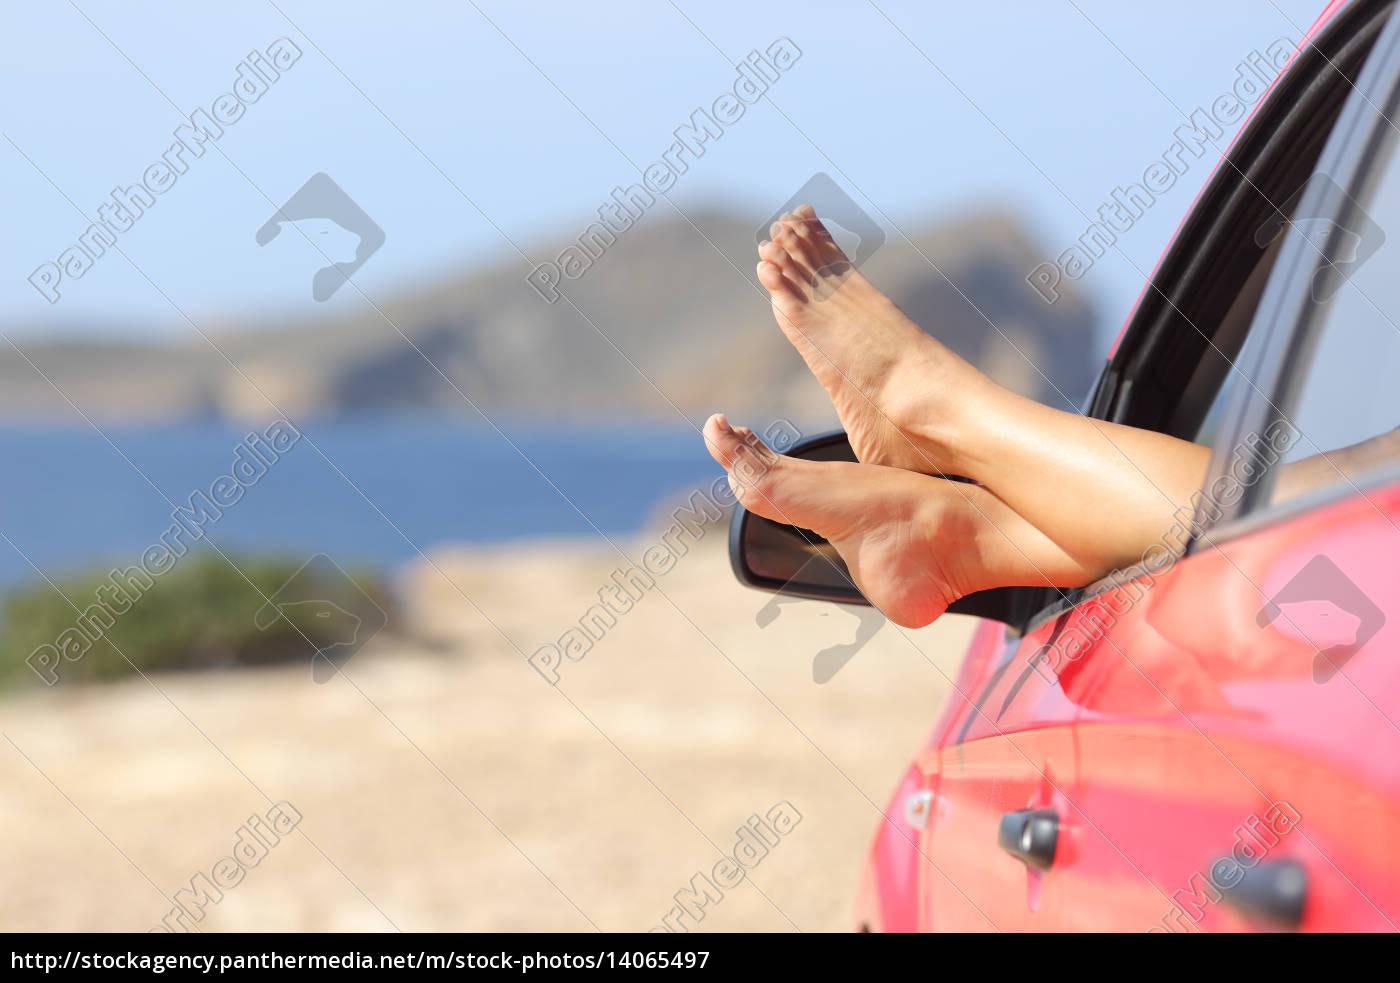 frau, füße, entspannen, in, einem, auto - 14065497